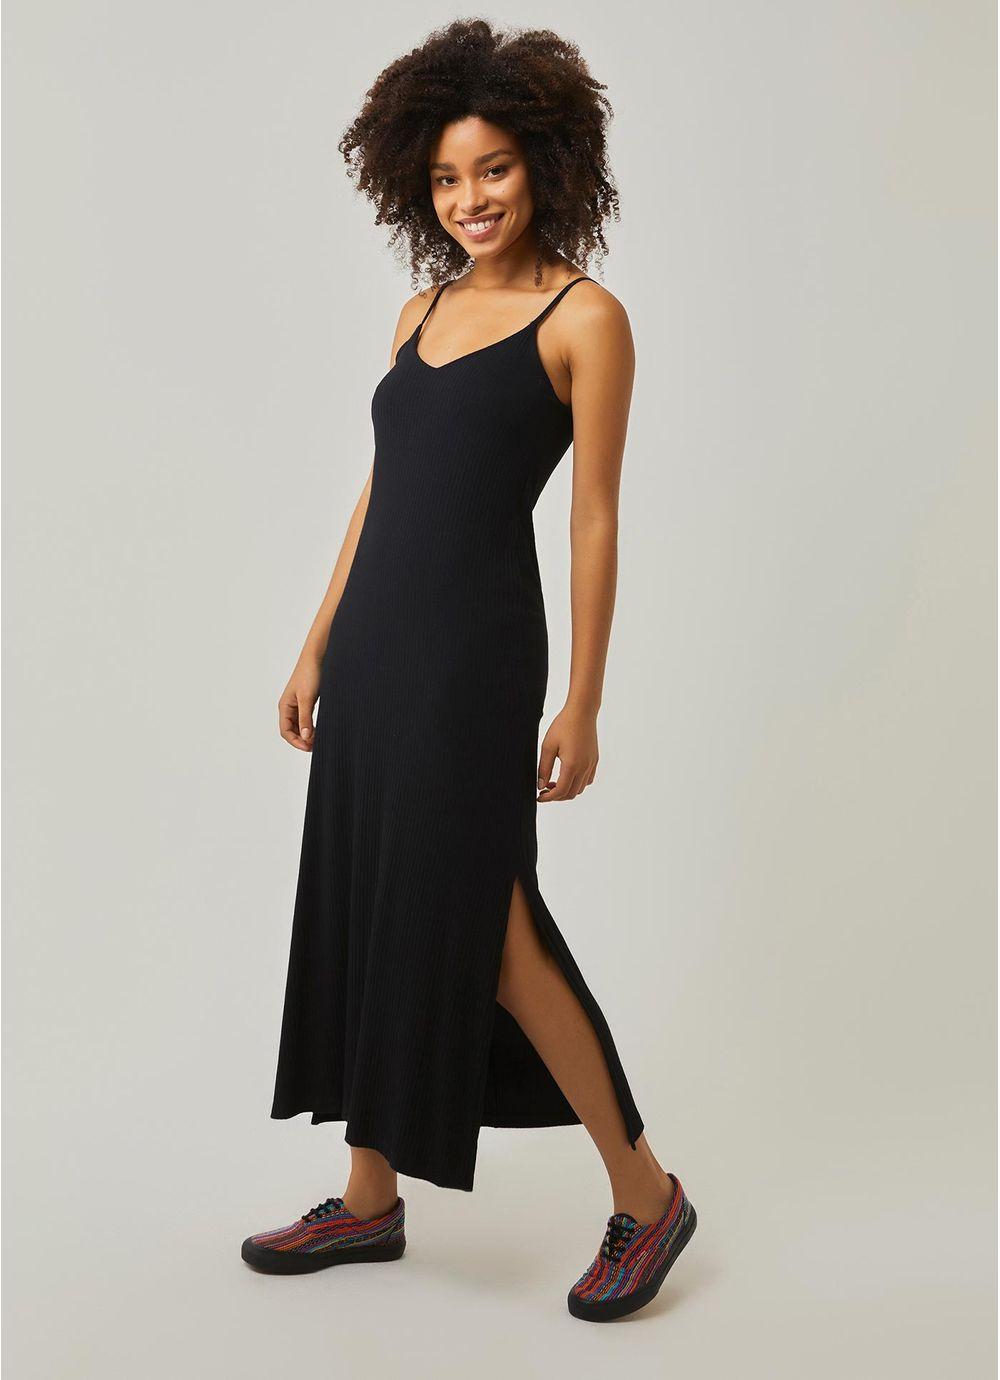 8a22e81ad Vestido longo reto canelado PRETO - Compre Online na Redley!